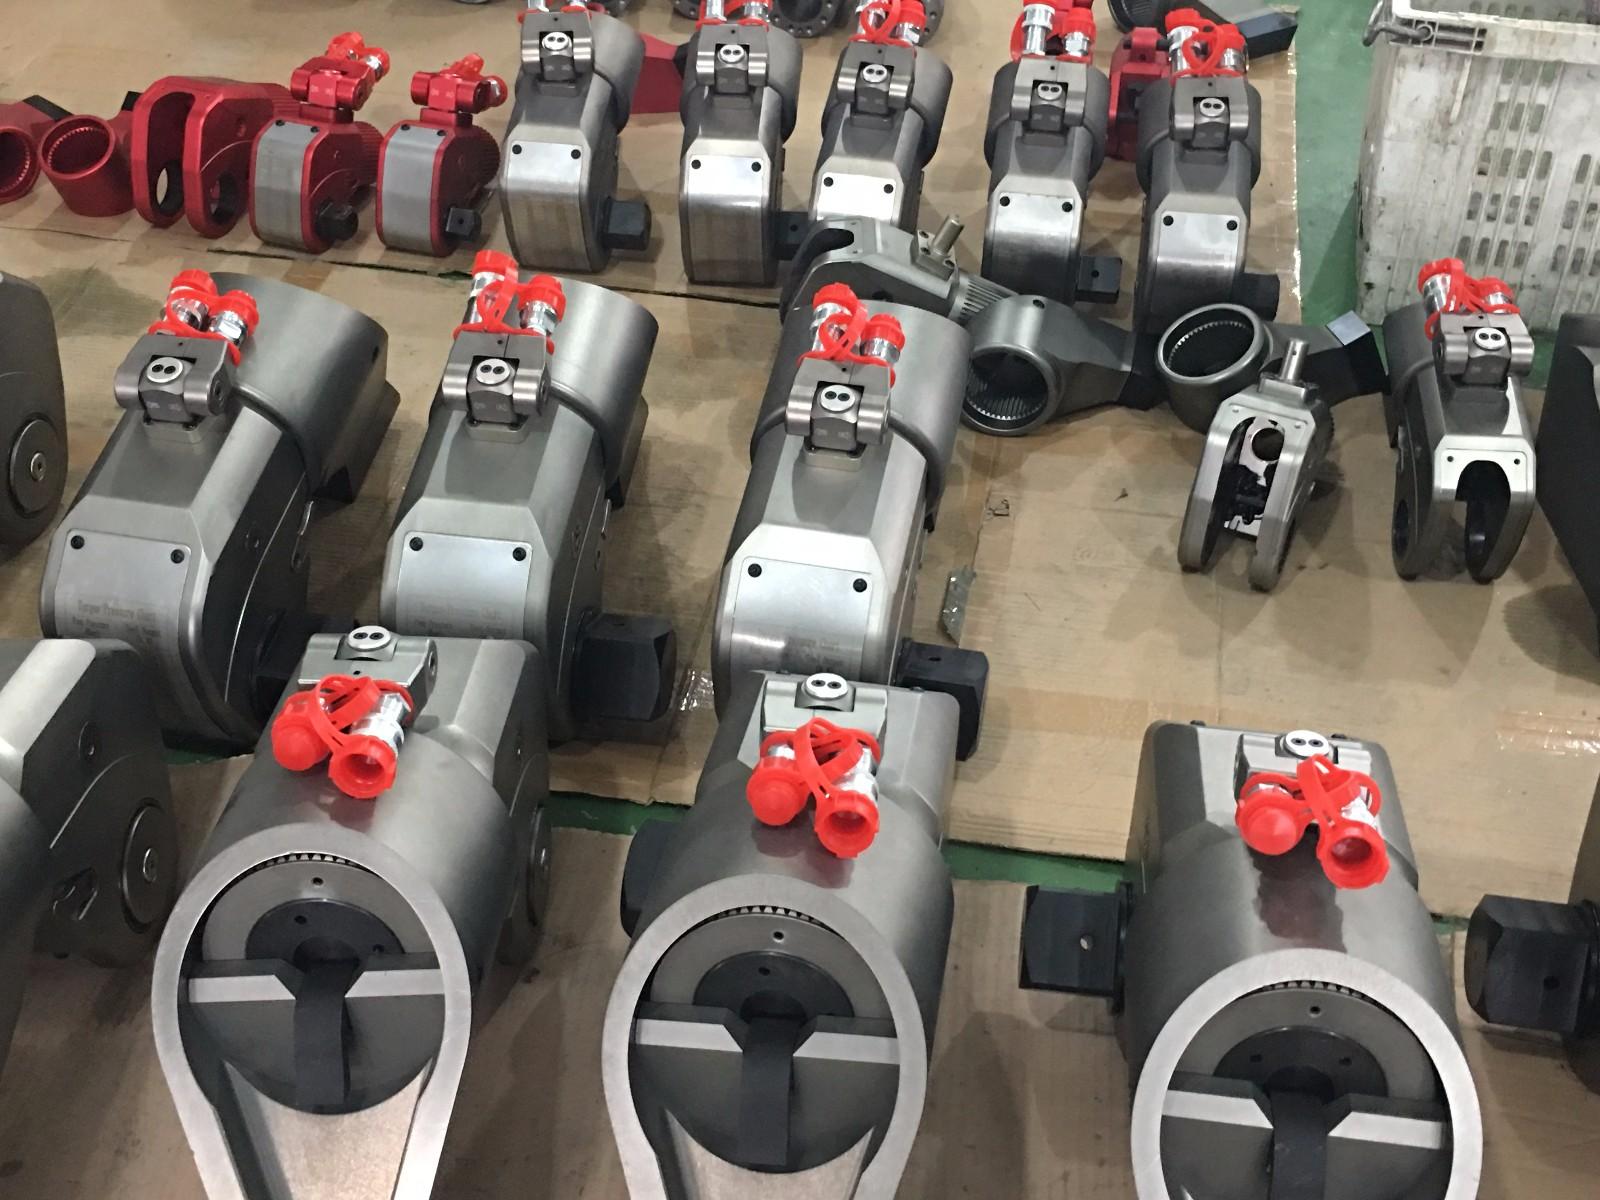 液压扳手型号分类有哪些?在沃顿机械能够买到任意你想要的型号,赶紧拨打400-829-0906或180-5559-5507进行选购吧!